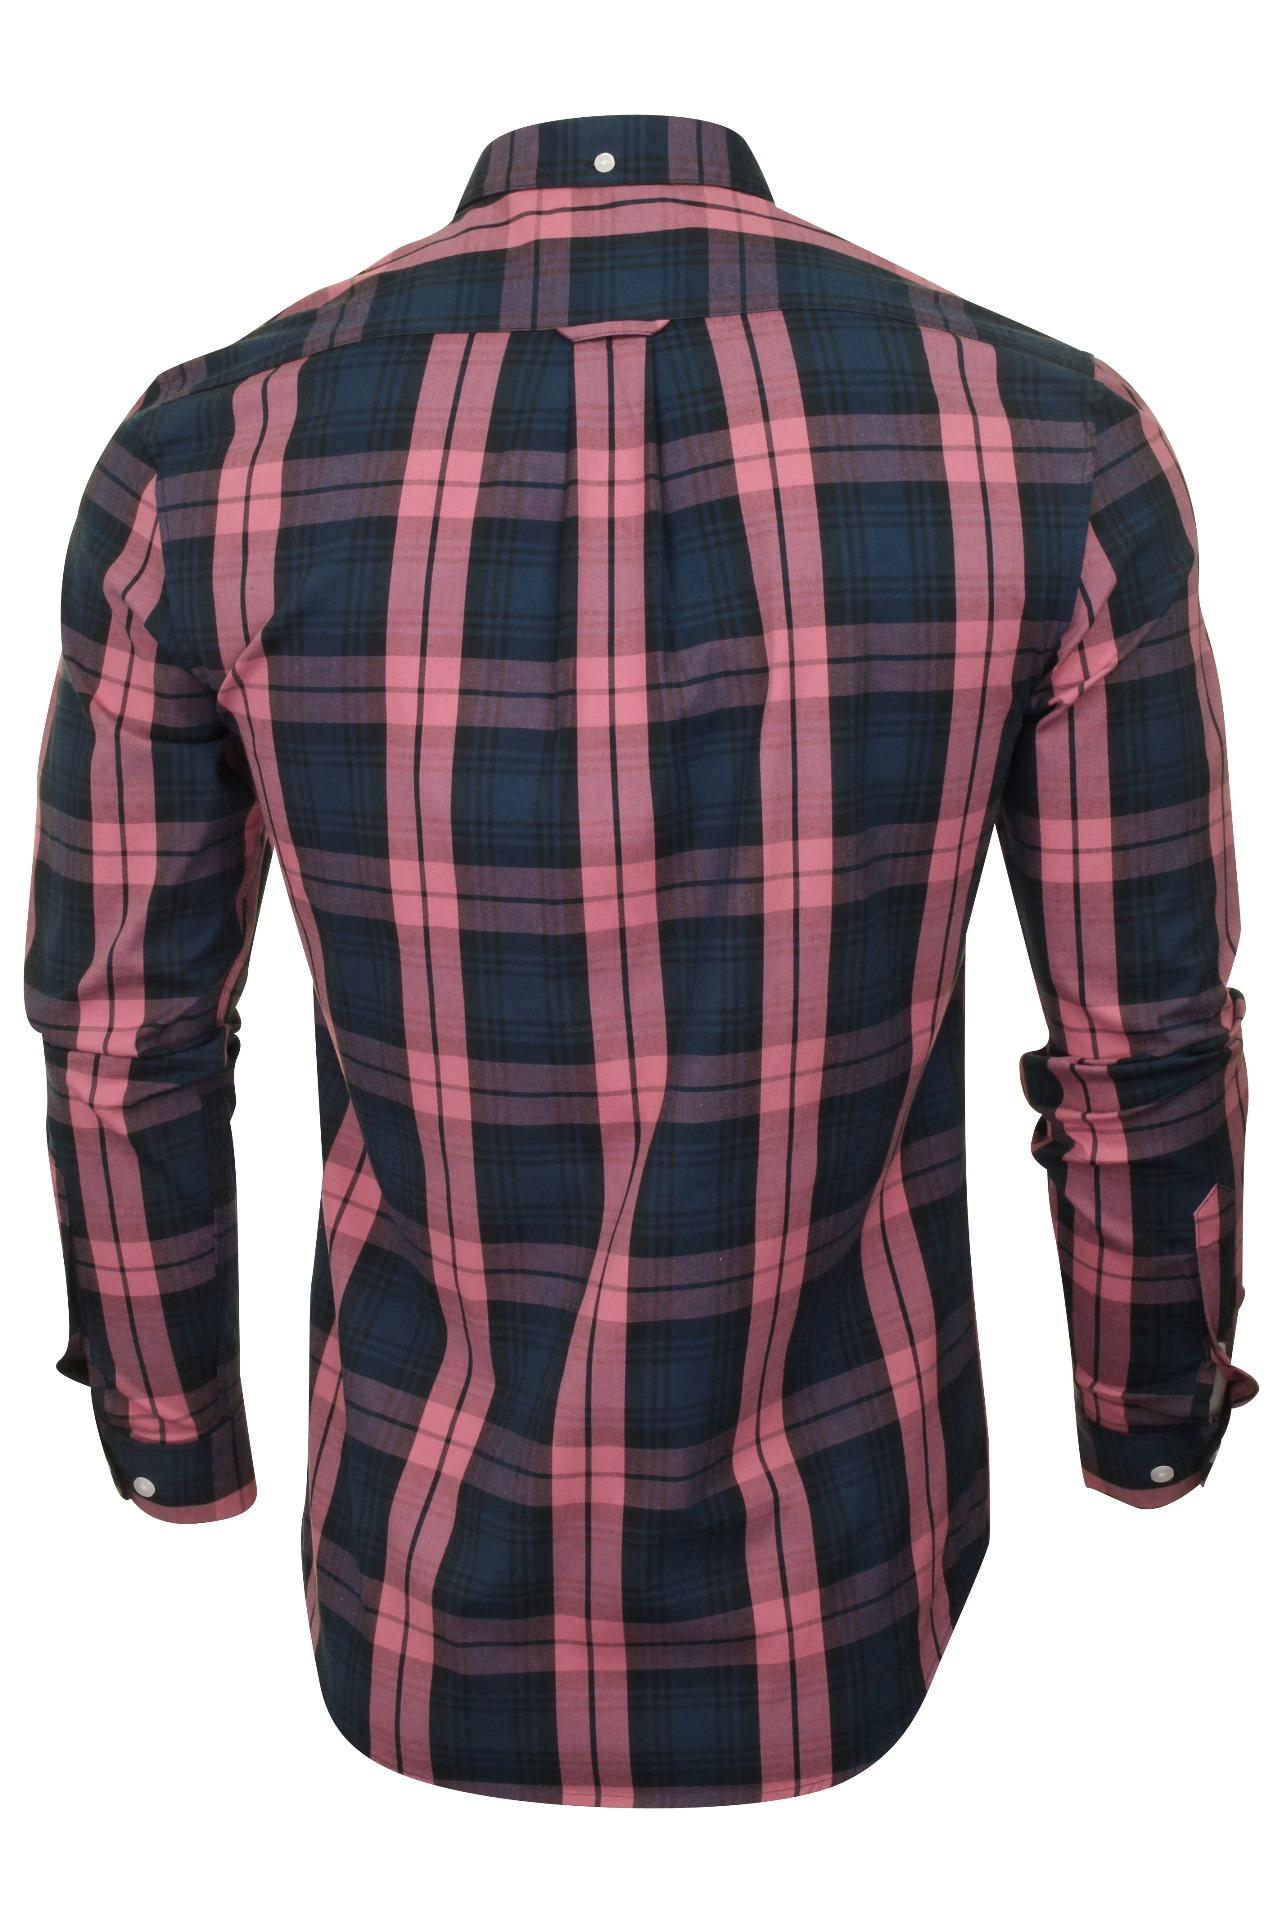 Farah-Mens-Check-Shirt-039-Brewer-Blackwatch-039-Long-Sleeved thumbnail 5